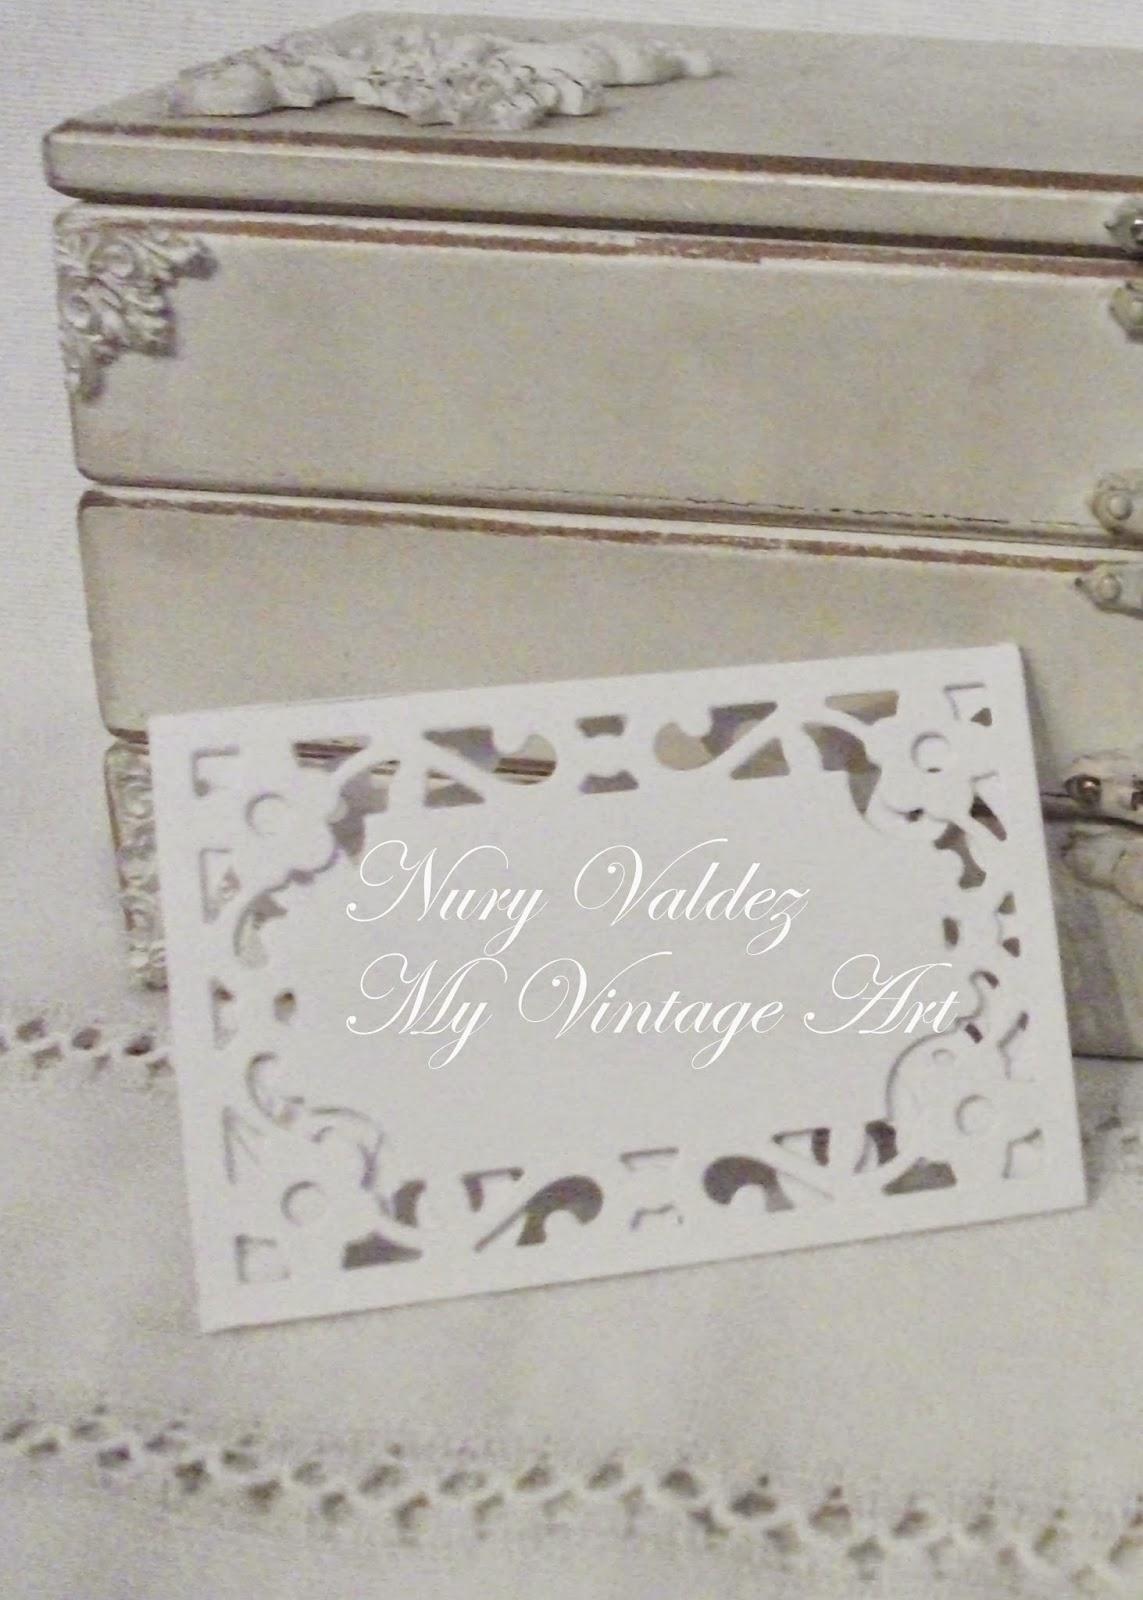 gisel una de las hijas de mi amiga gilda se casa con norberto y como regalo para su despedida de soltera hice estas tarjetitas personales que ves aqui